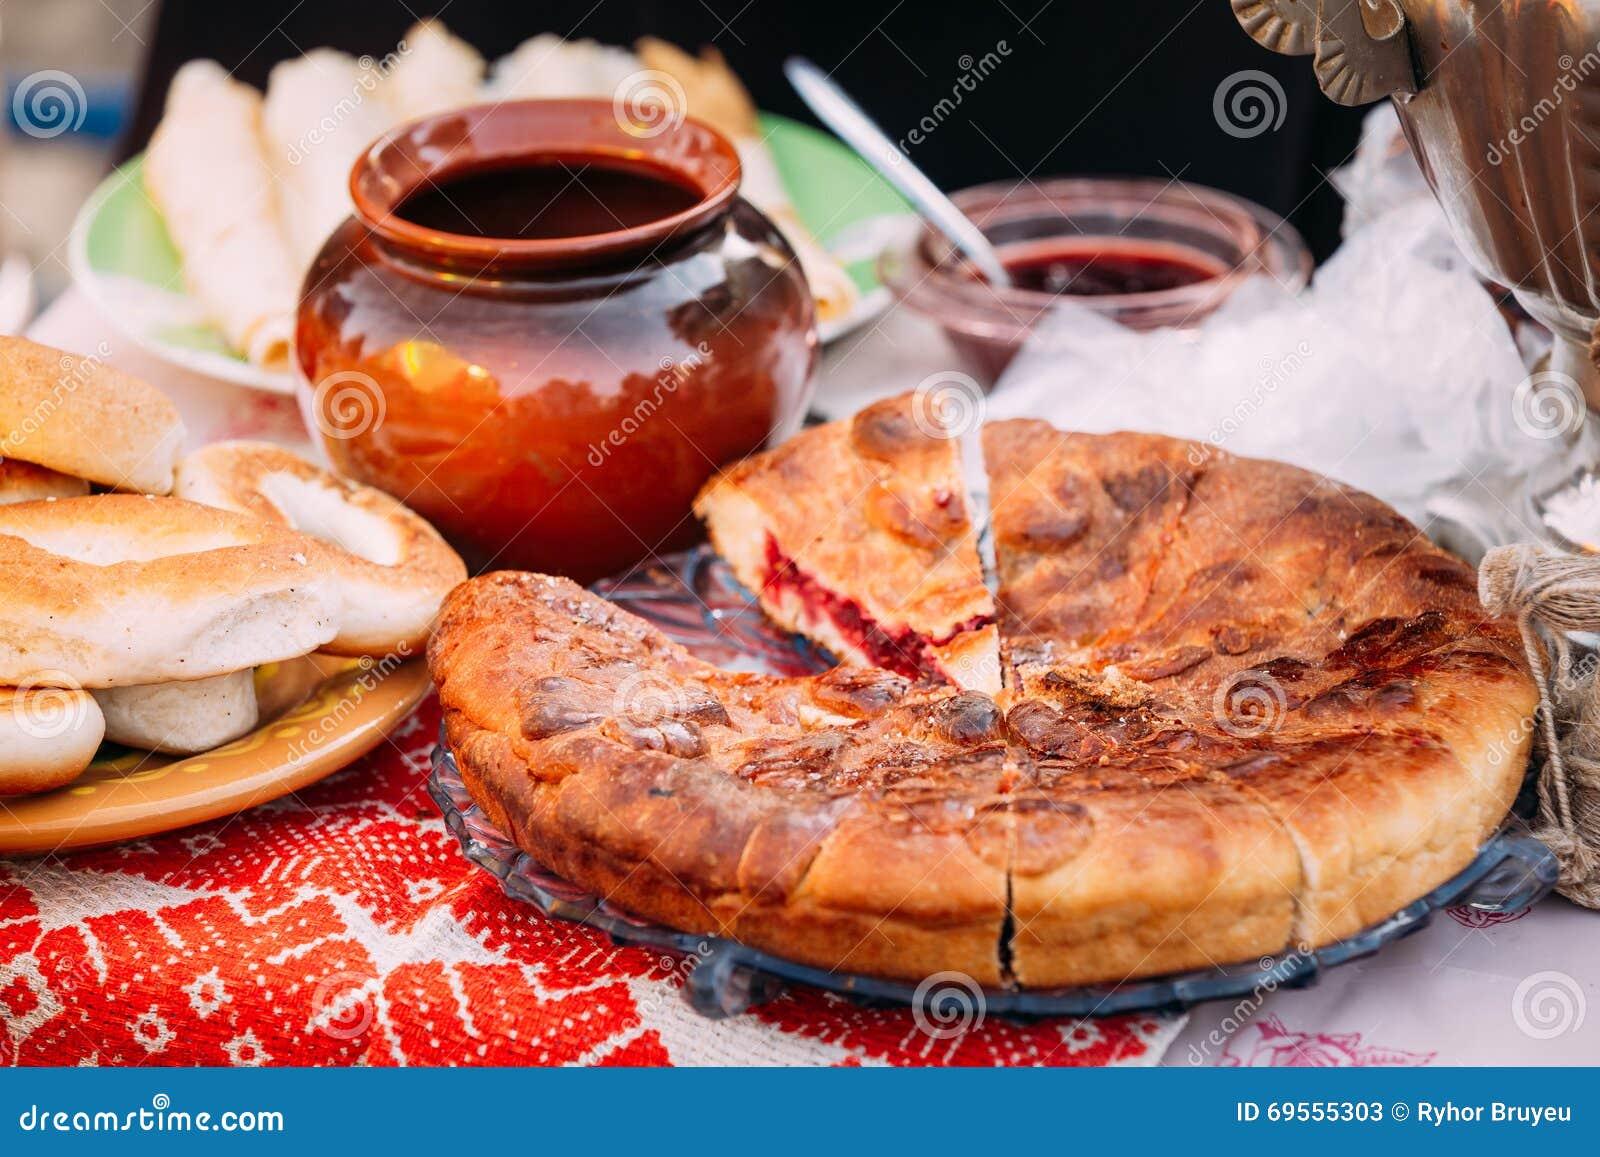 Piatti della cucina bielorussa tradizionale torta e miele immagine stock immagine di belarus - Piatti da cucina moderni ...